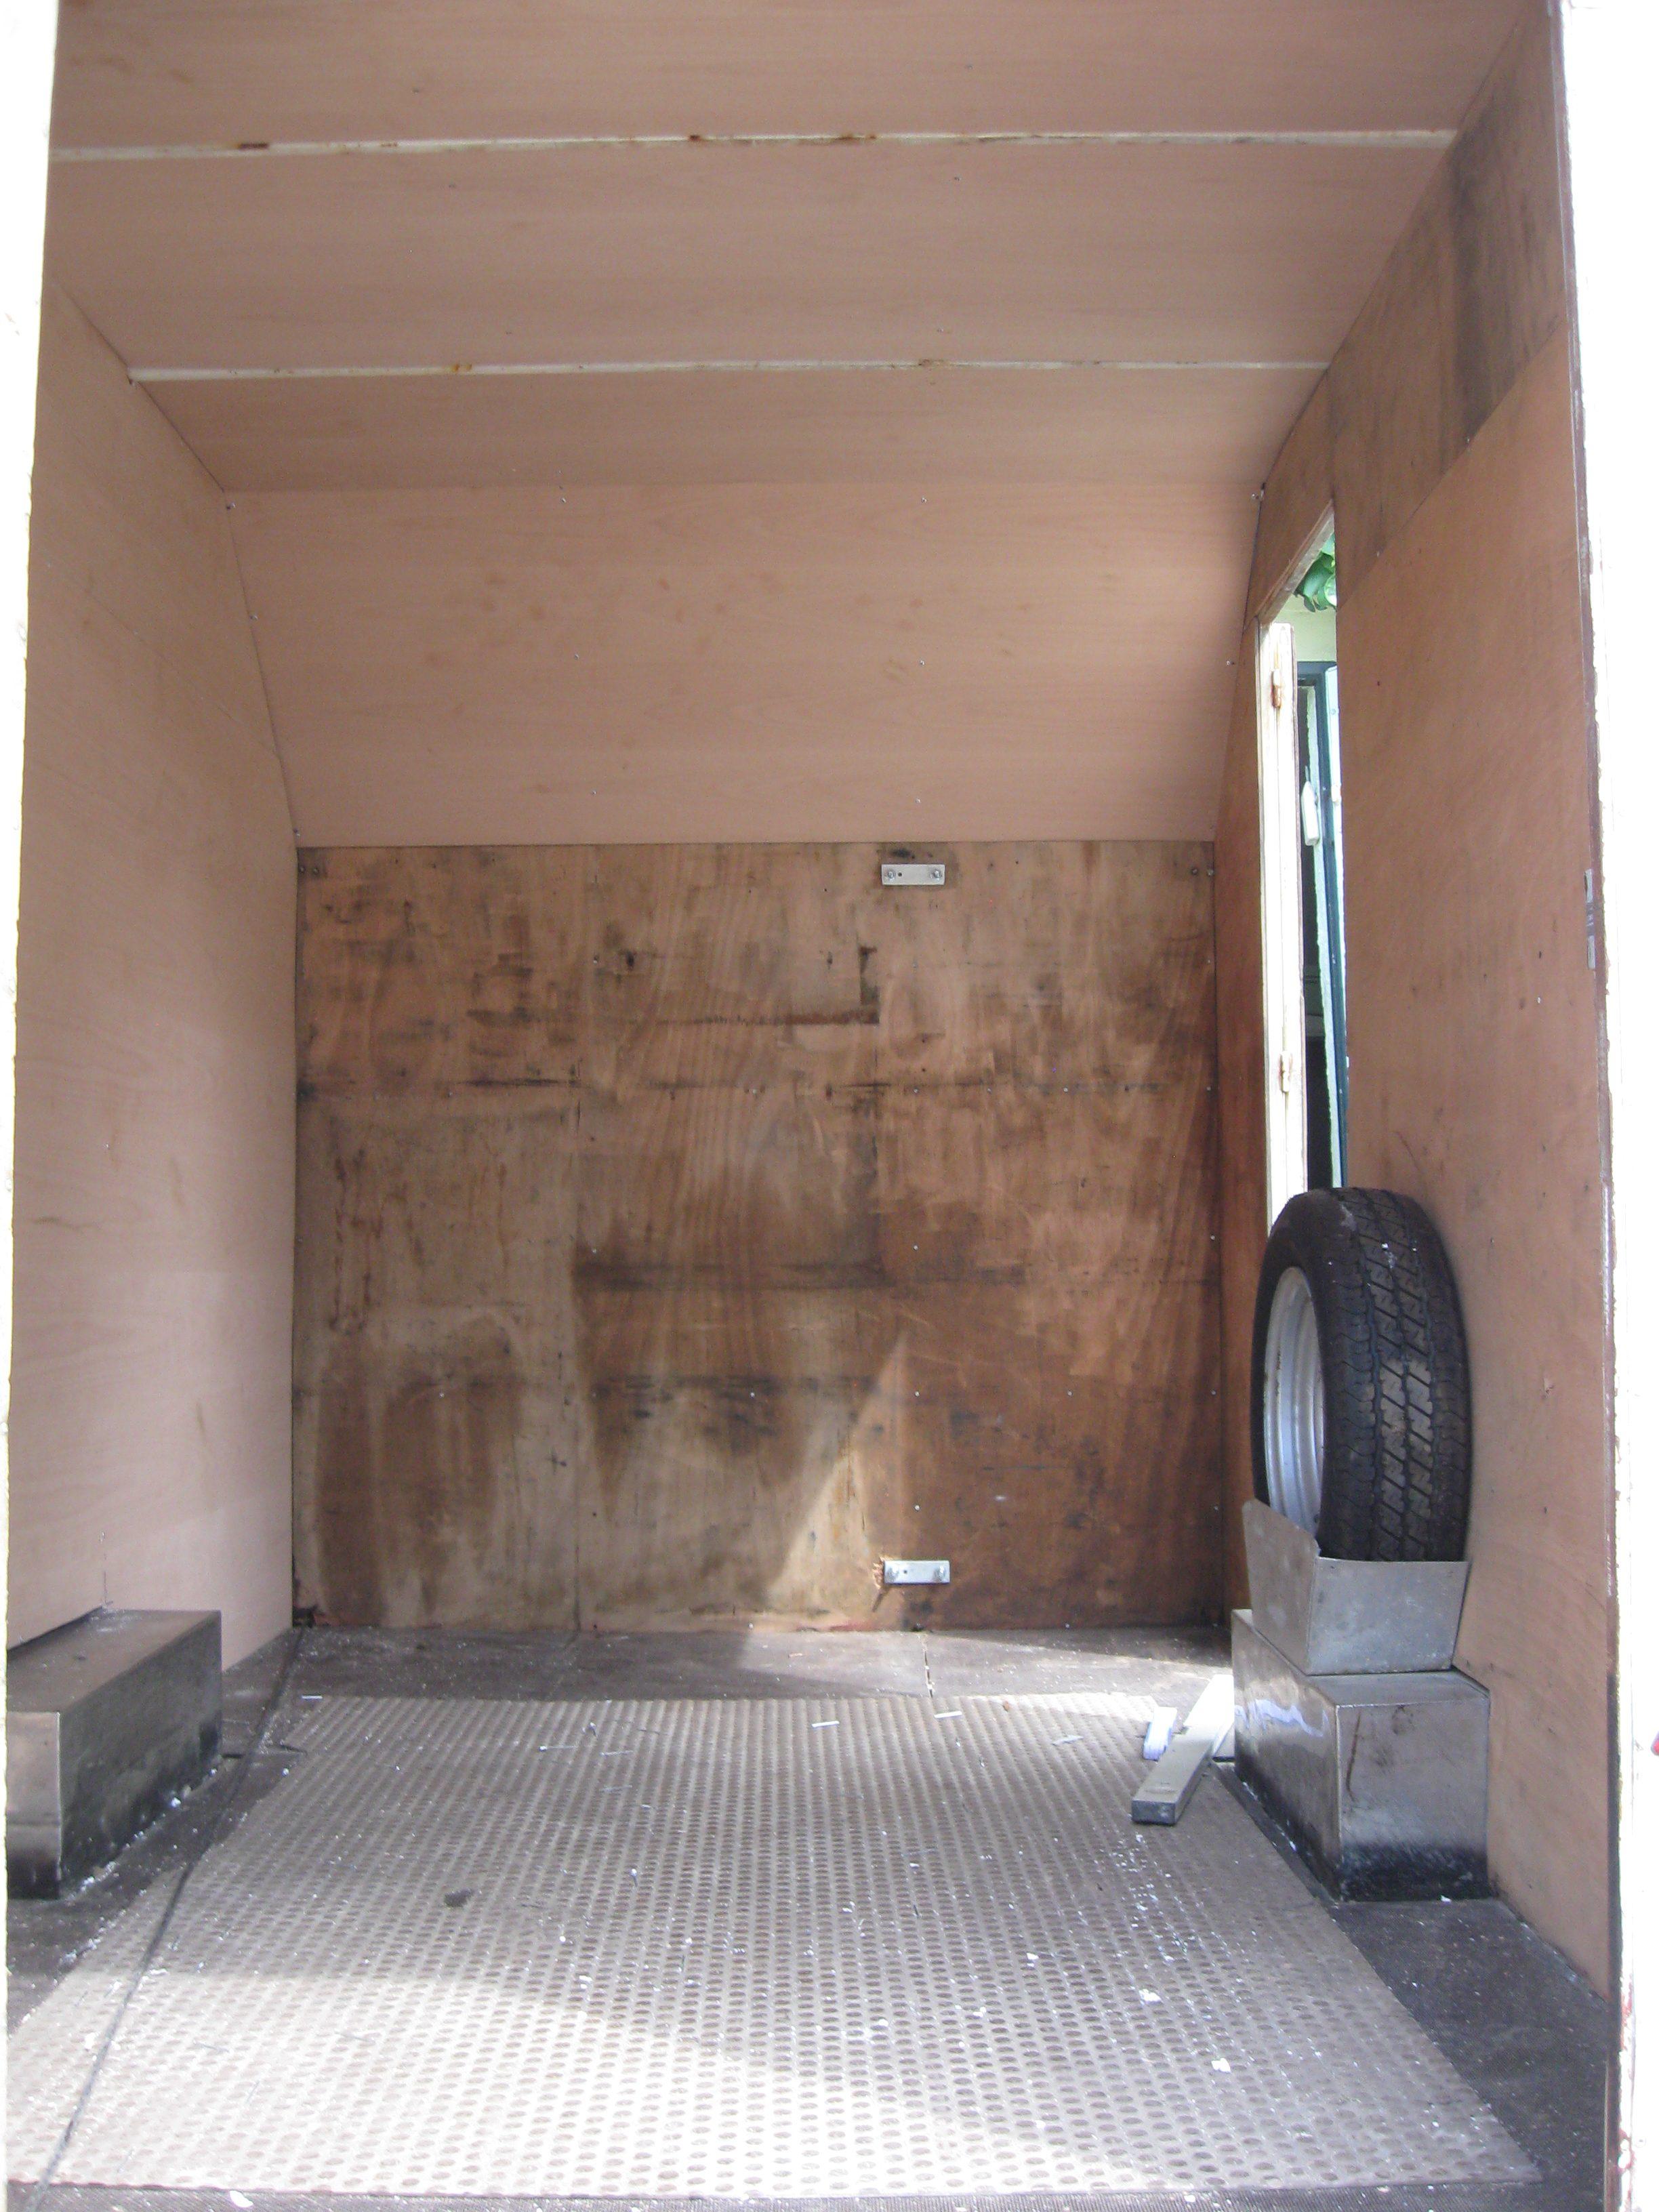 Innenraum des Funkanhängers mit Sperrholz ausgeschlagen